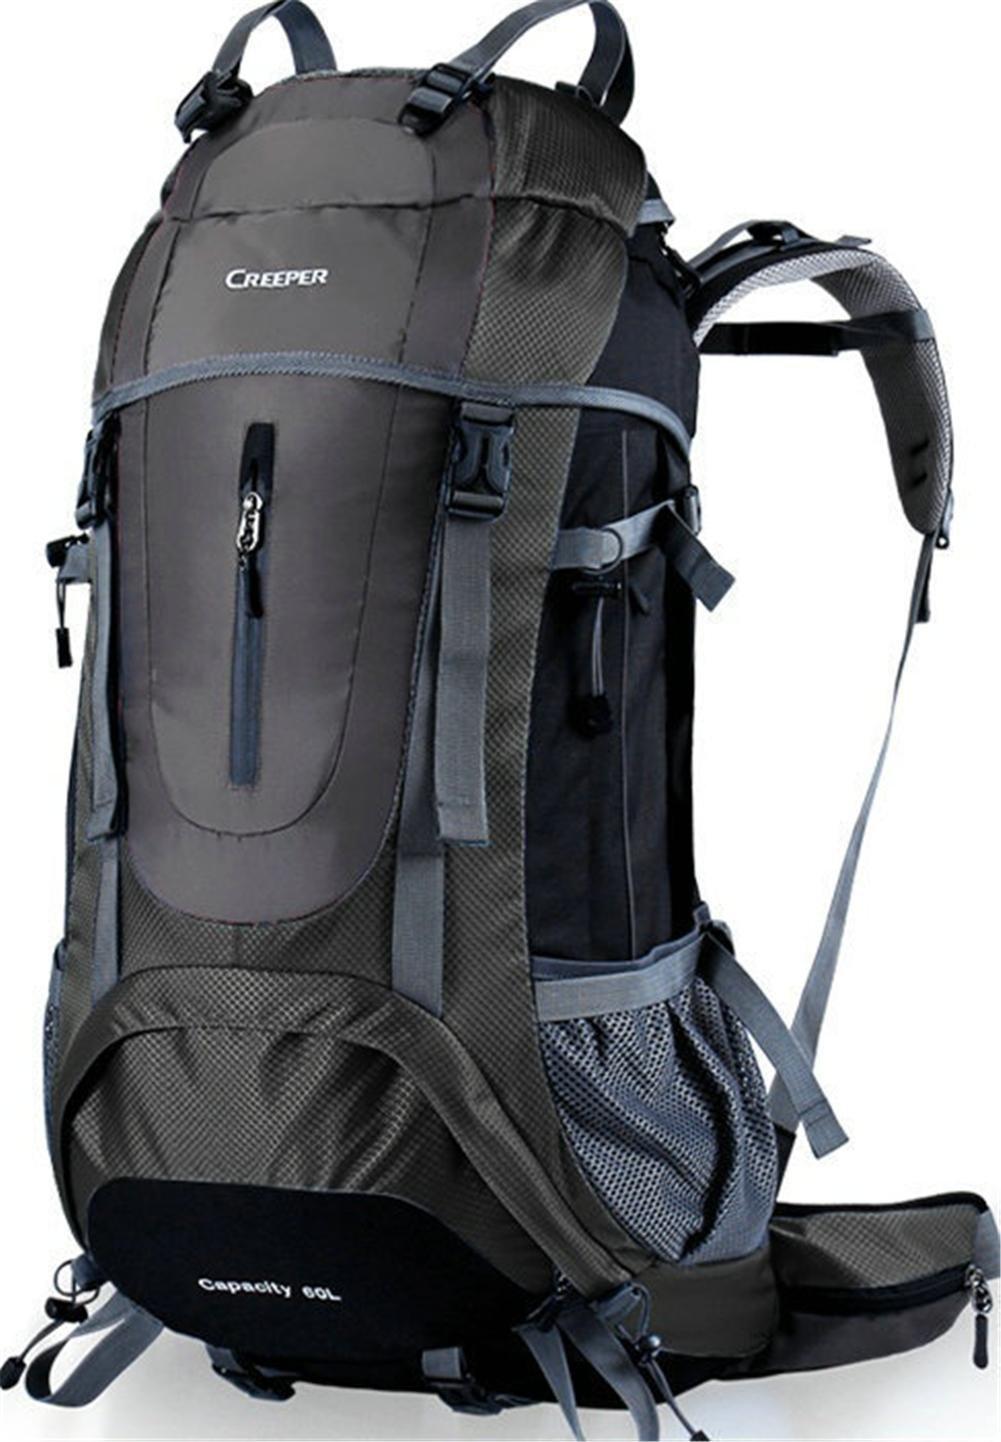 noir 45l Grand sac à dos d'alpinisme Sac de voyage en nylon imperméable à l'eau Camping Randonnée Sac à dos d'escalade